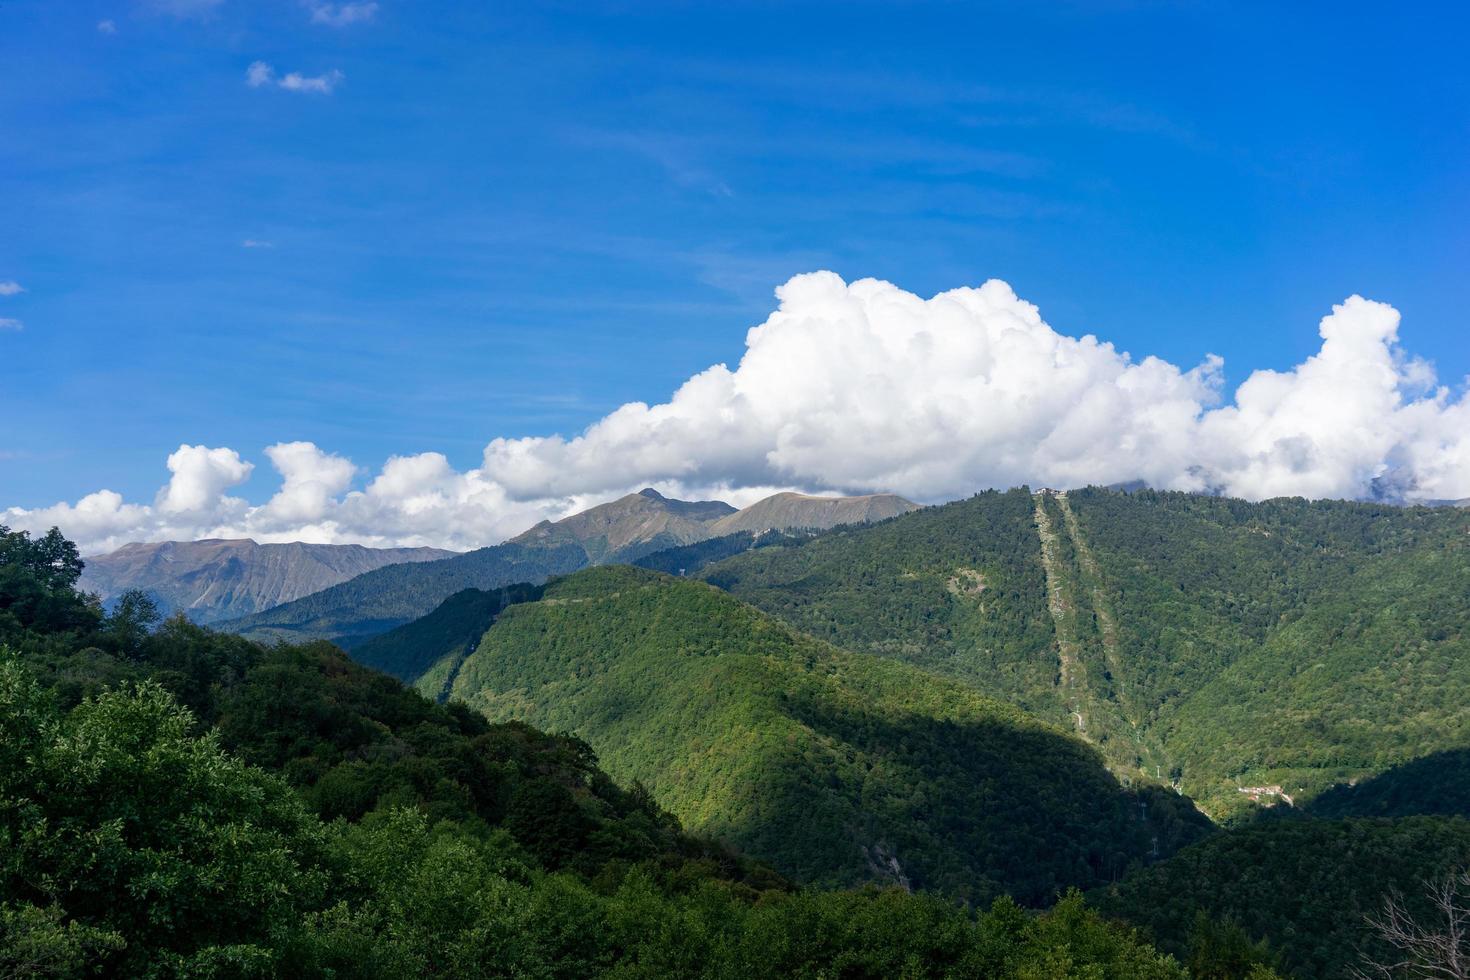 paisaje de montaña con cielo azul nublado foto